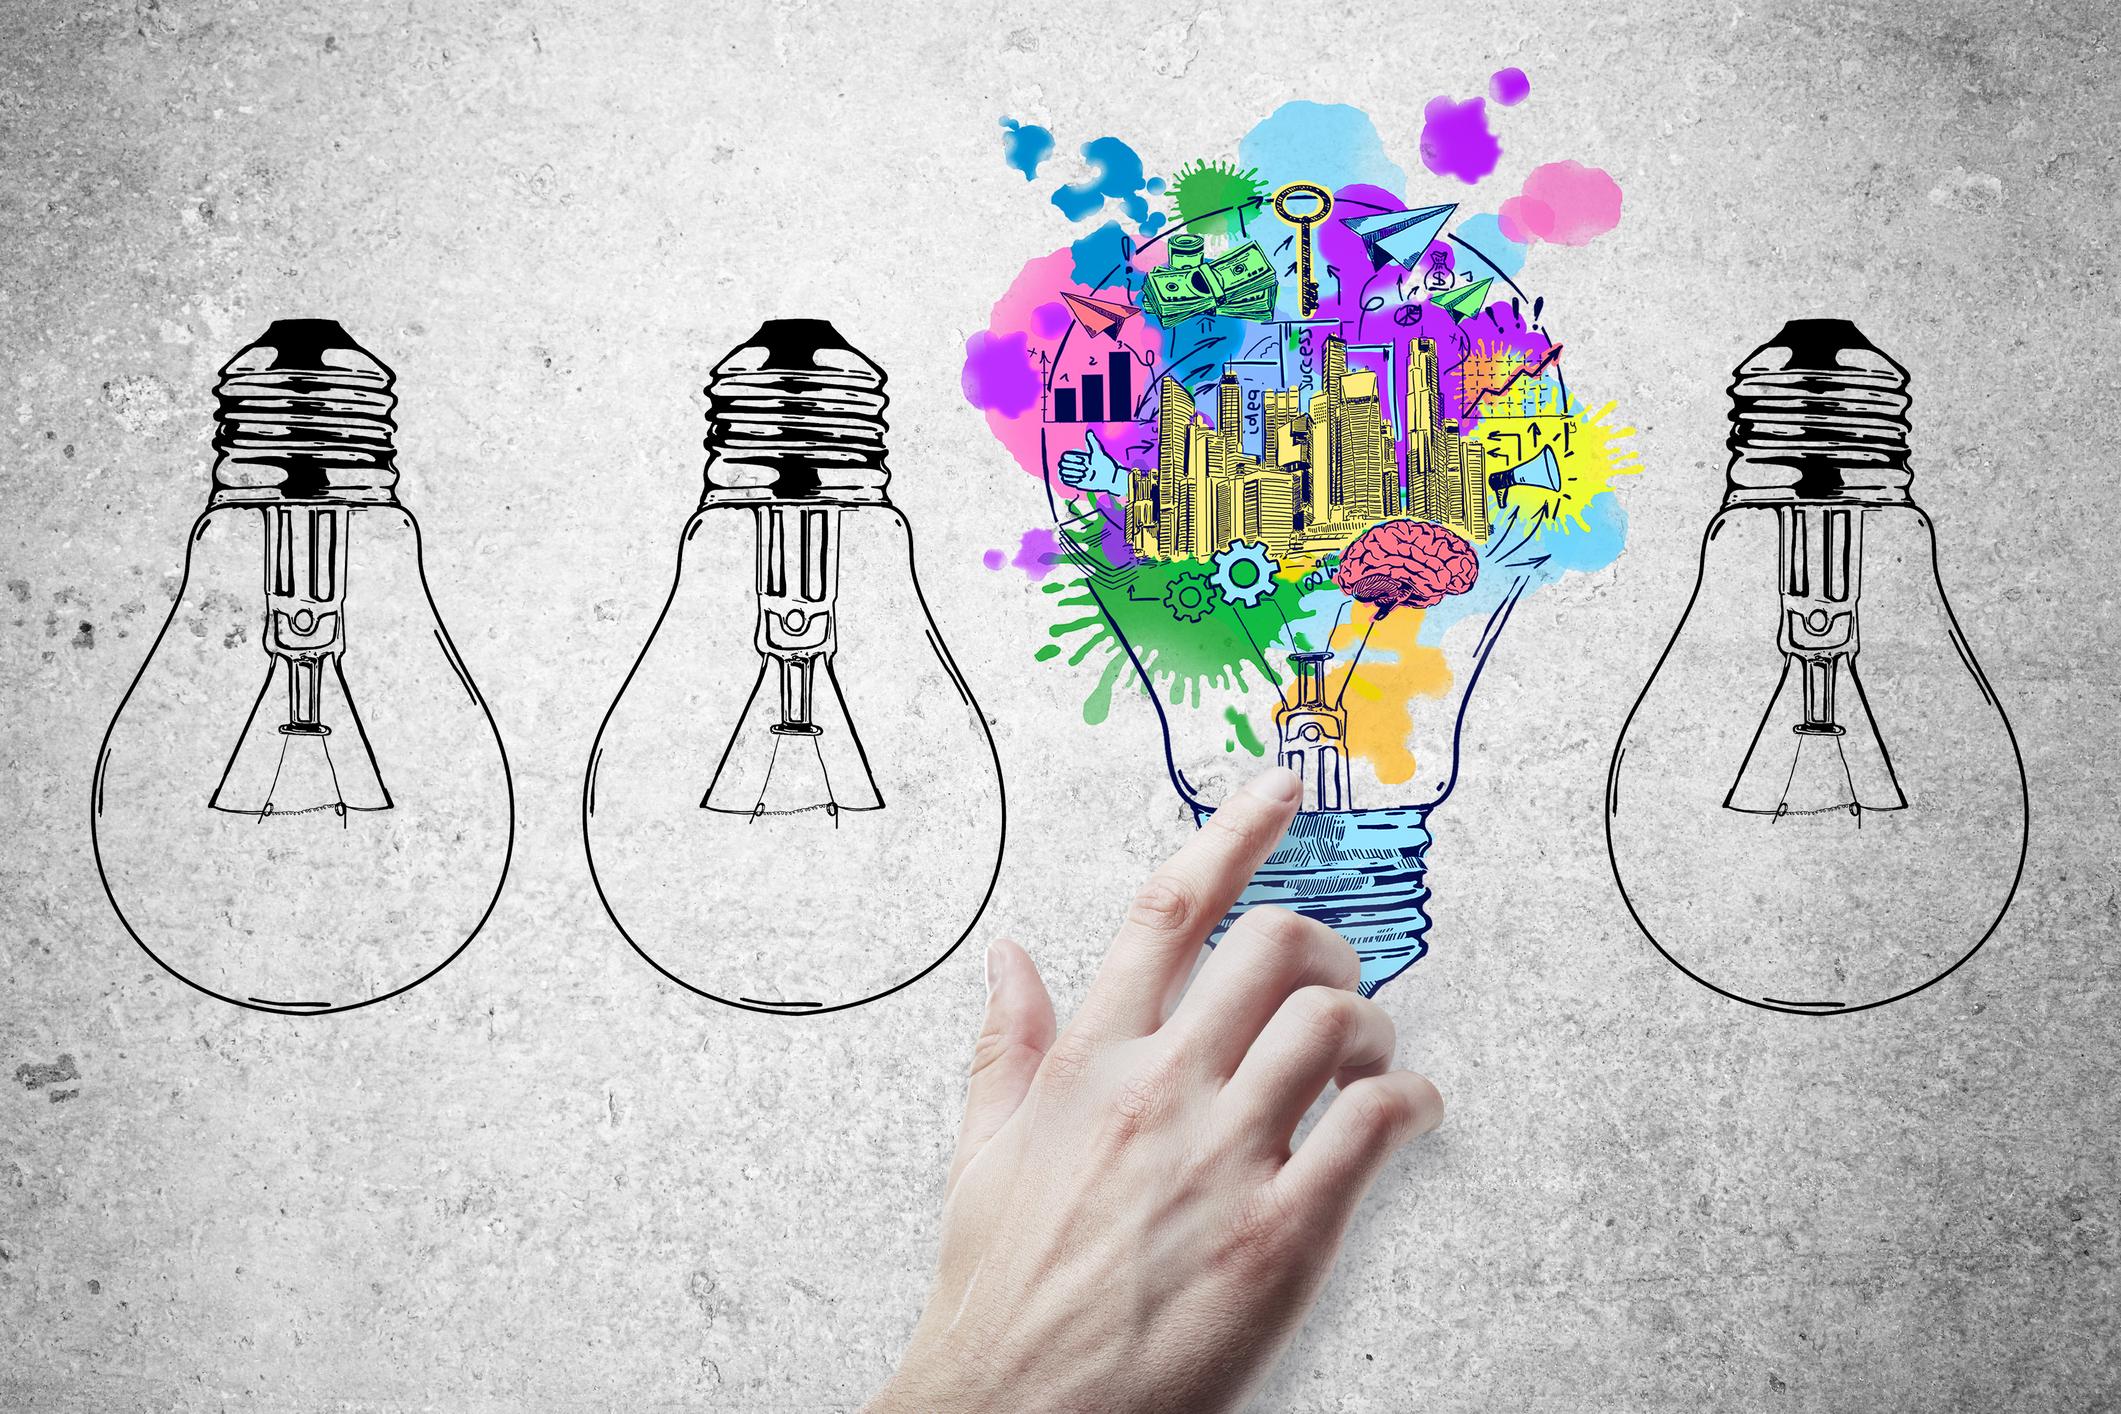 Rumo lança inscrições para projeto de aceleração de startups